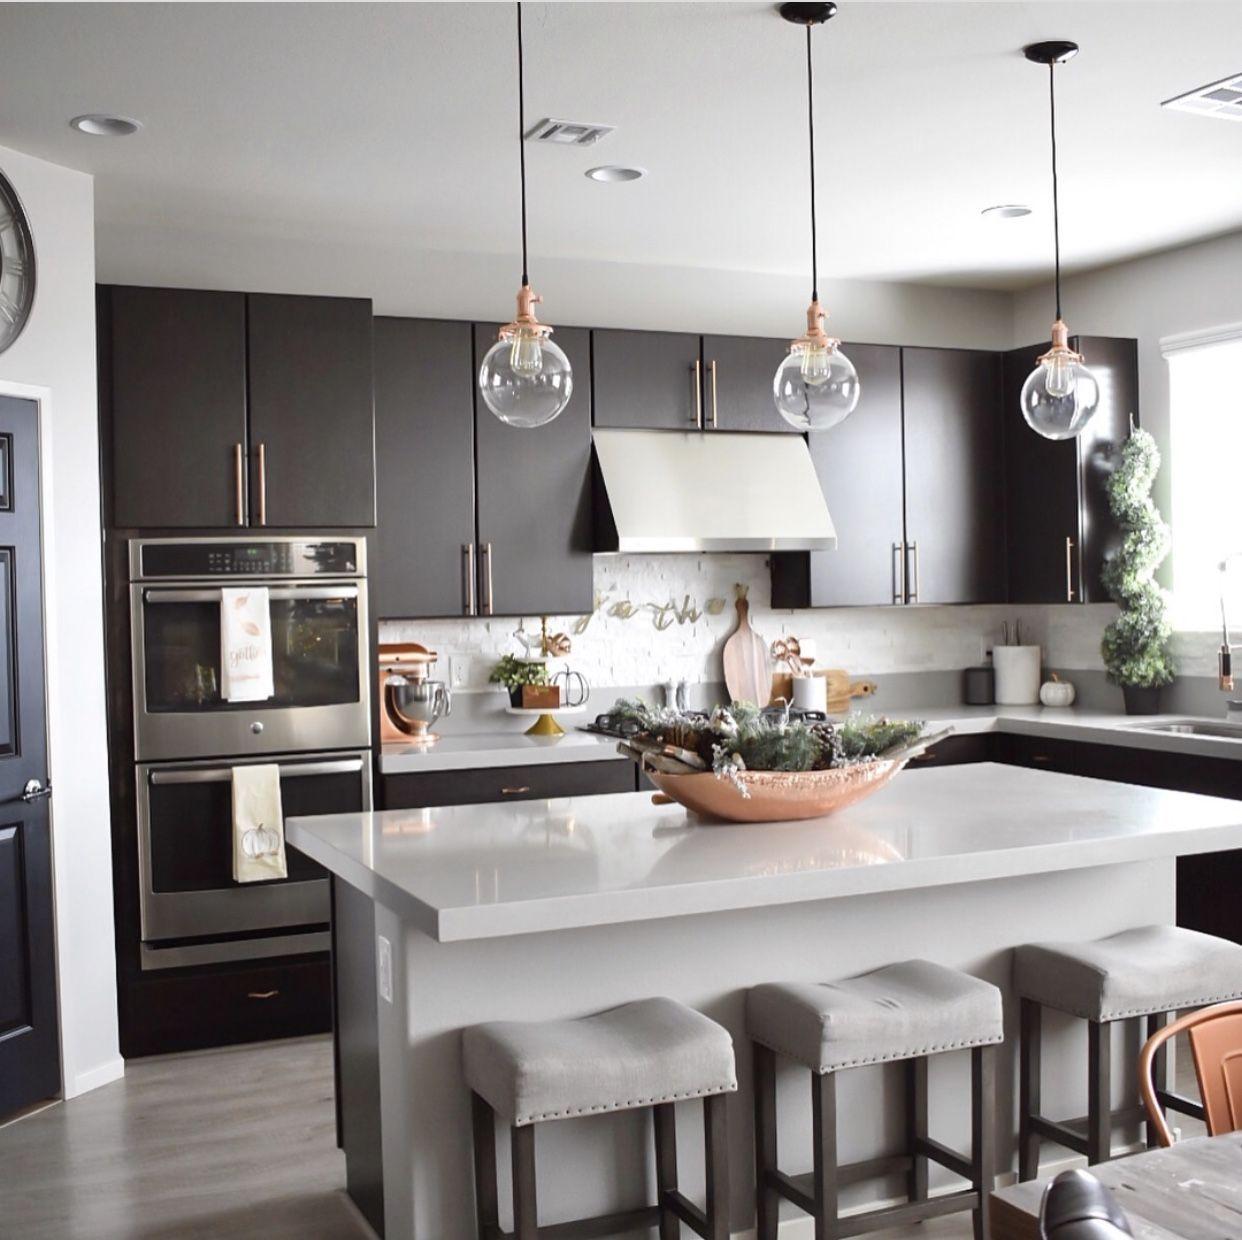 Copper Kitchen With Modern Dark Cabinets Modern Kitchen Interiors Modern Kitchen Design Contemporary Modern Kitchen